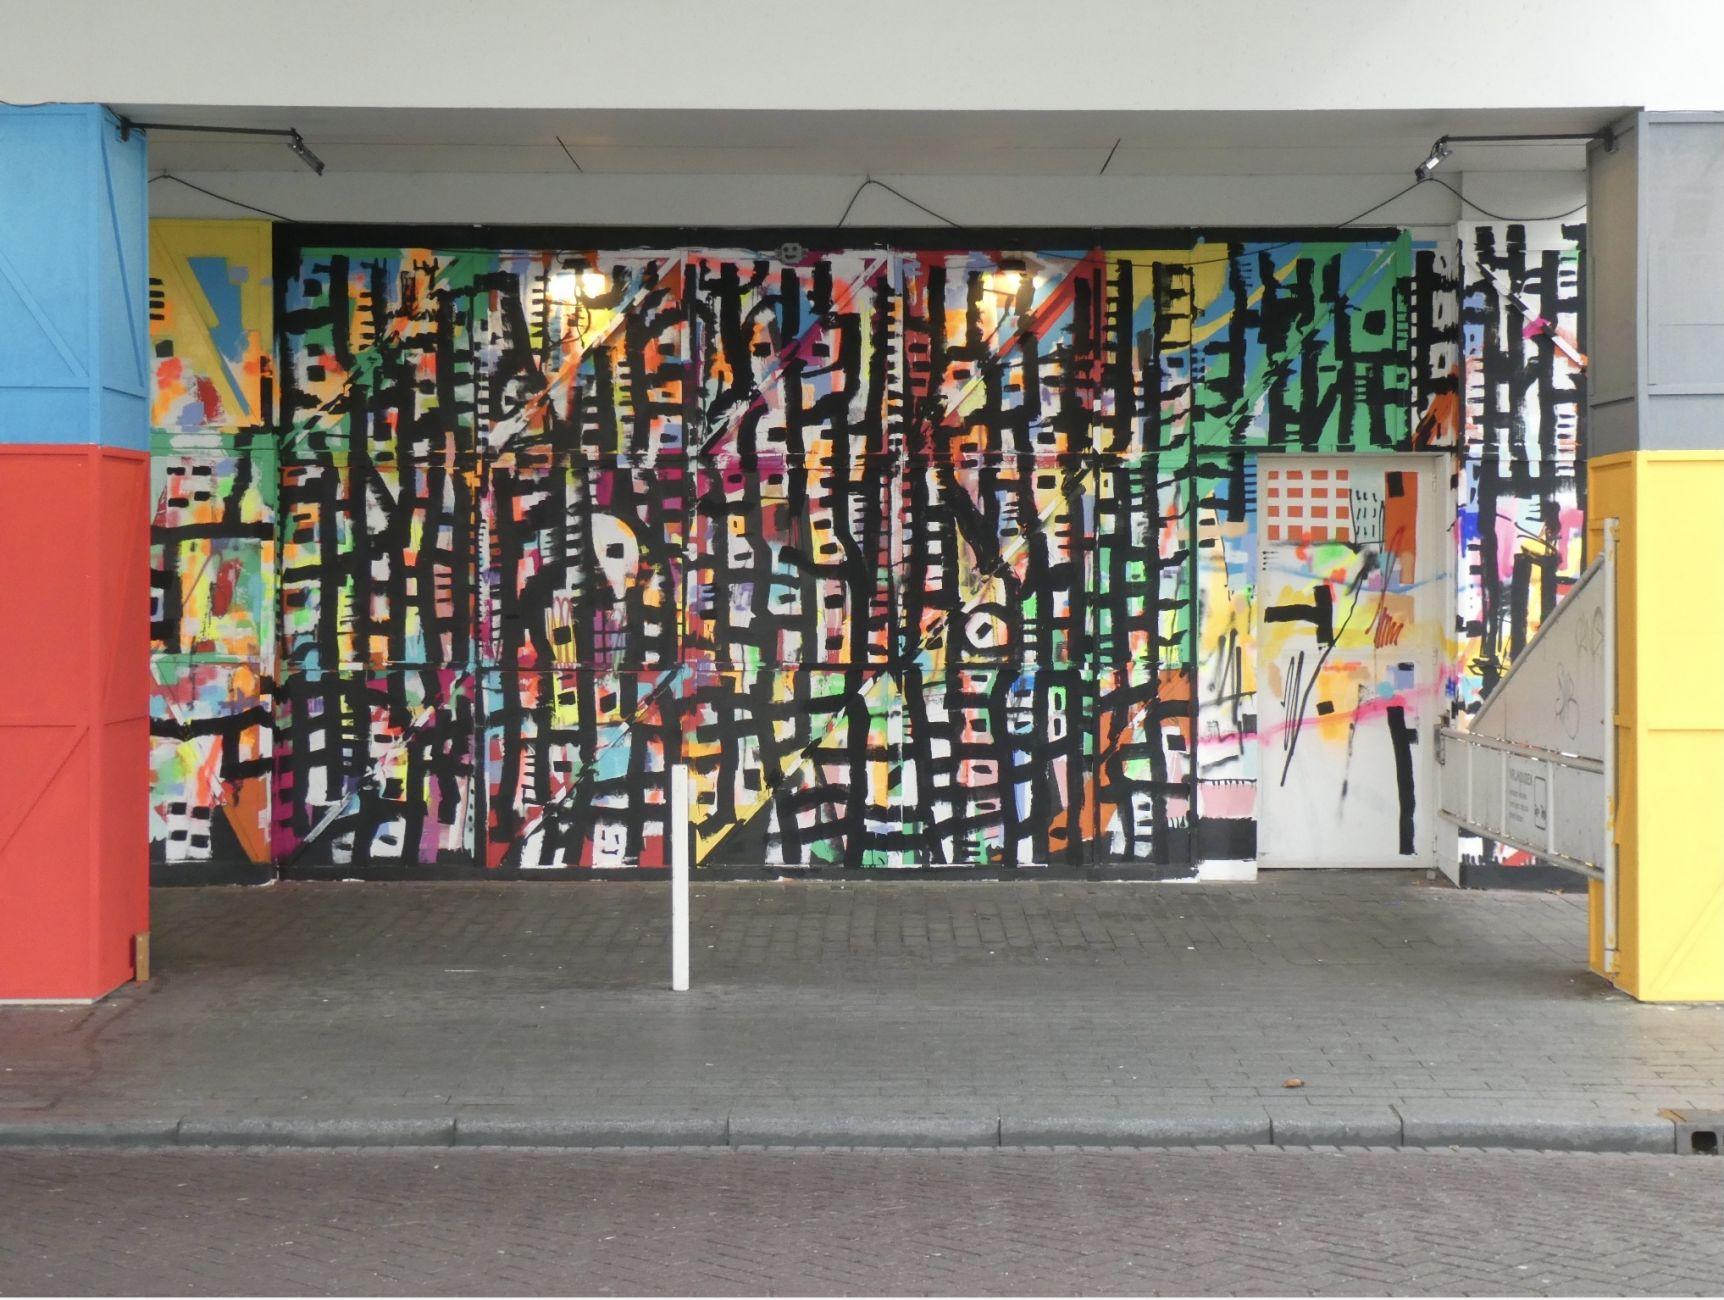 'Action painter' gaat schilderen in het Schreiershuisje